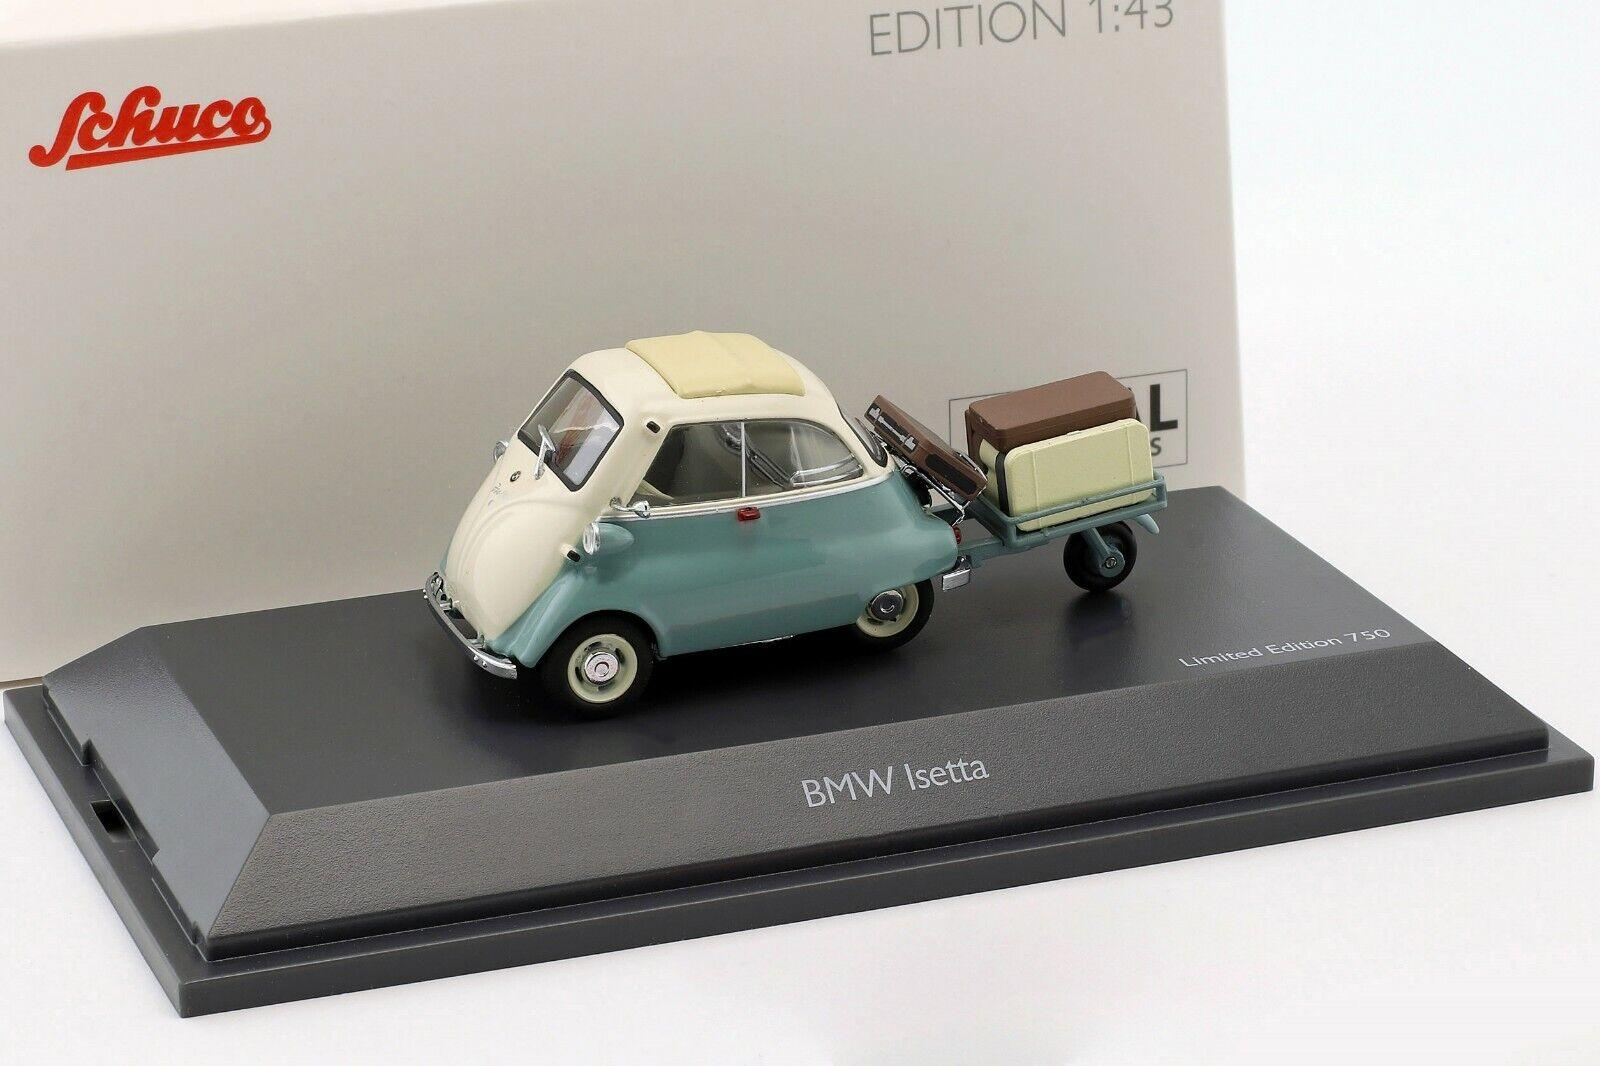 BMW ISETTA AVEC REMORQUE 1960 Vert Clair Blanc L.E.1 750 - 1 43 - Schuco